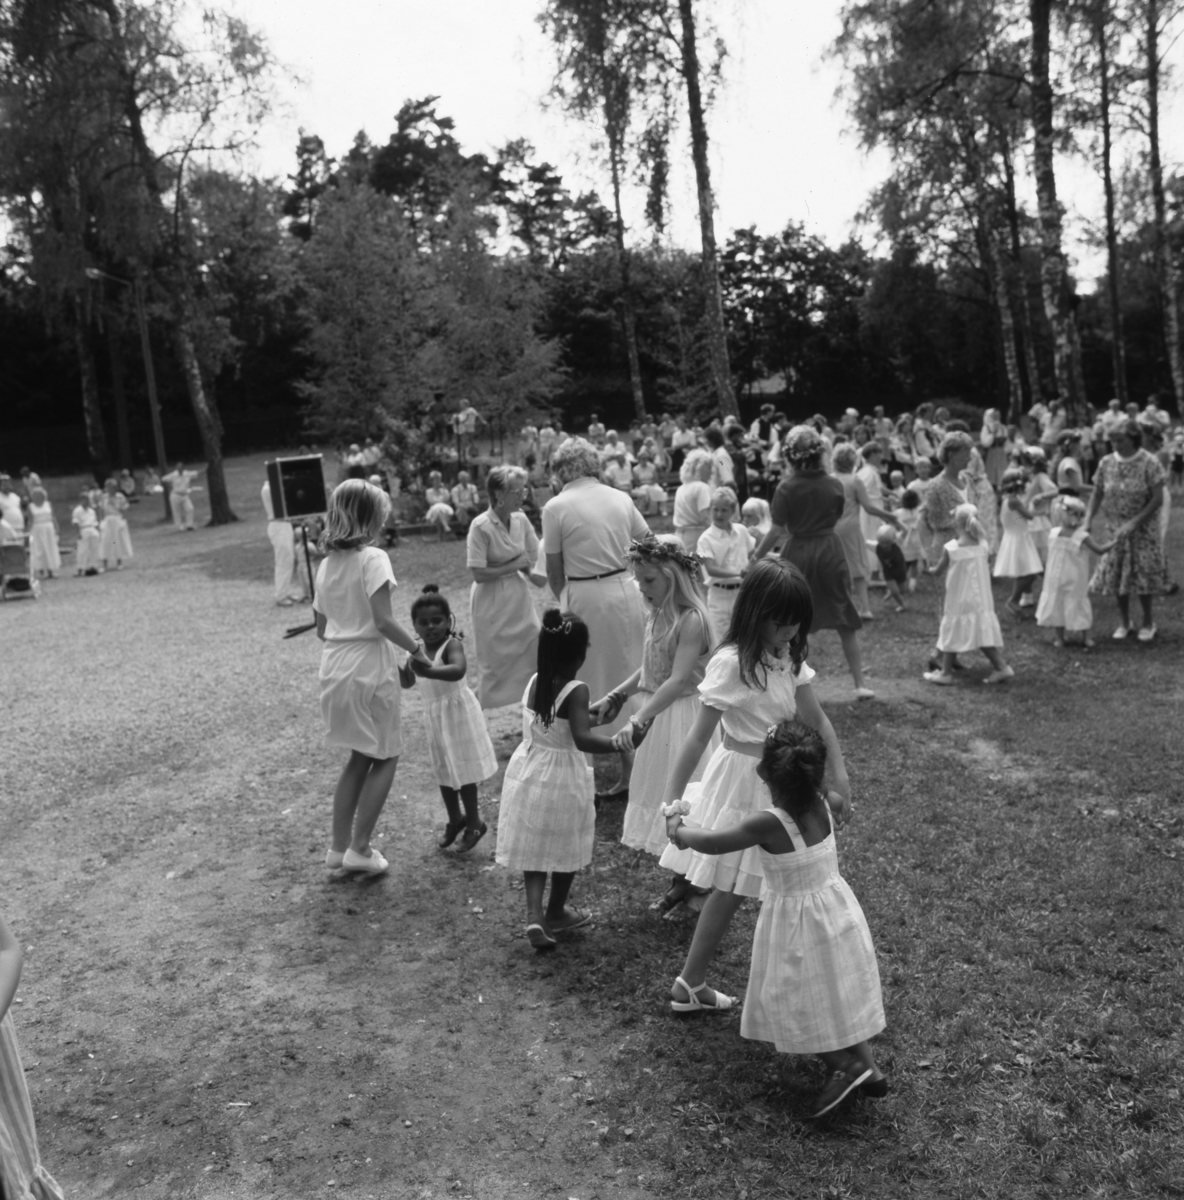 Det är midsommarfirande i Folkets park. Kvinnor och barn dansar ringlekar. Många har finklänningen på sig och en del har blomsterkransar i håret. På ett stativ står en högtalare.